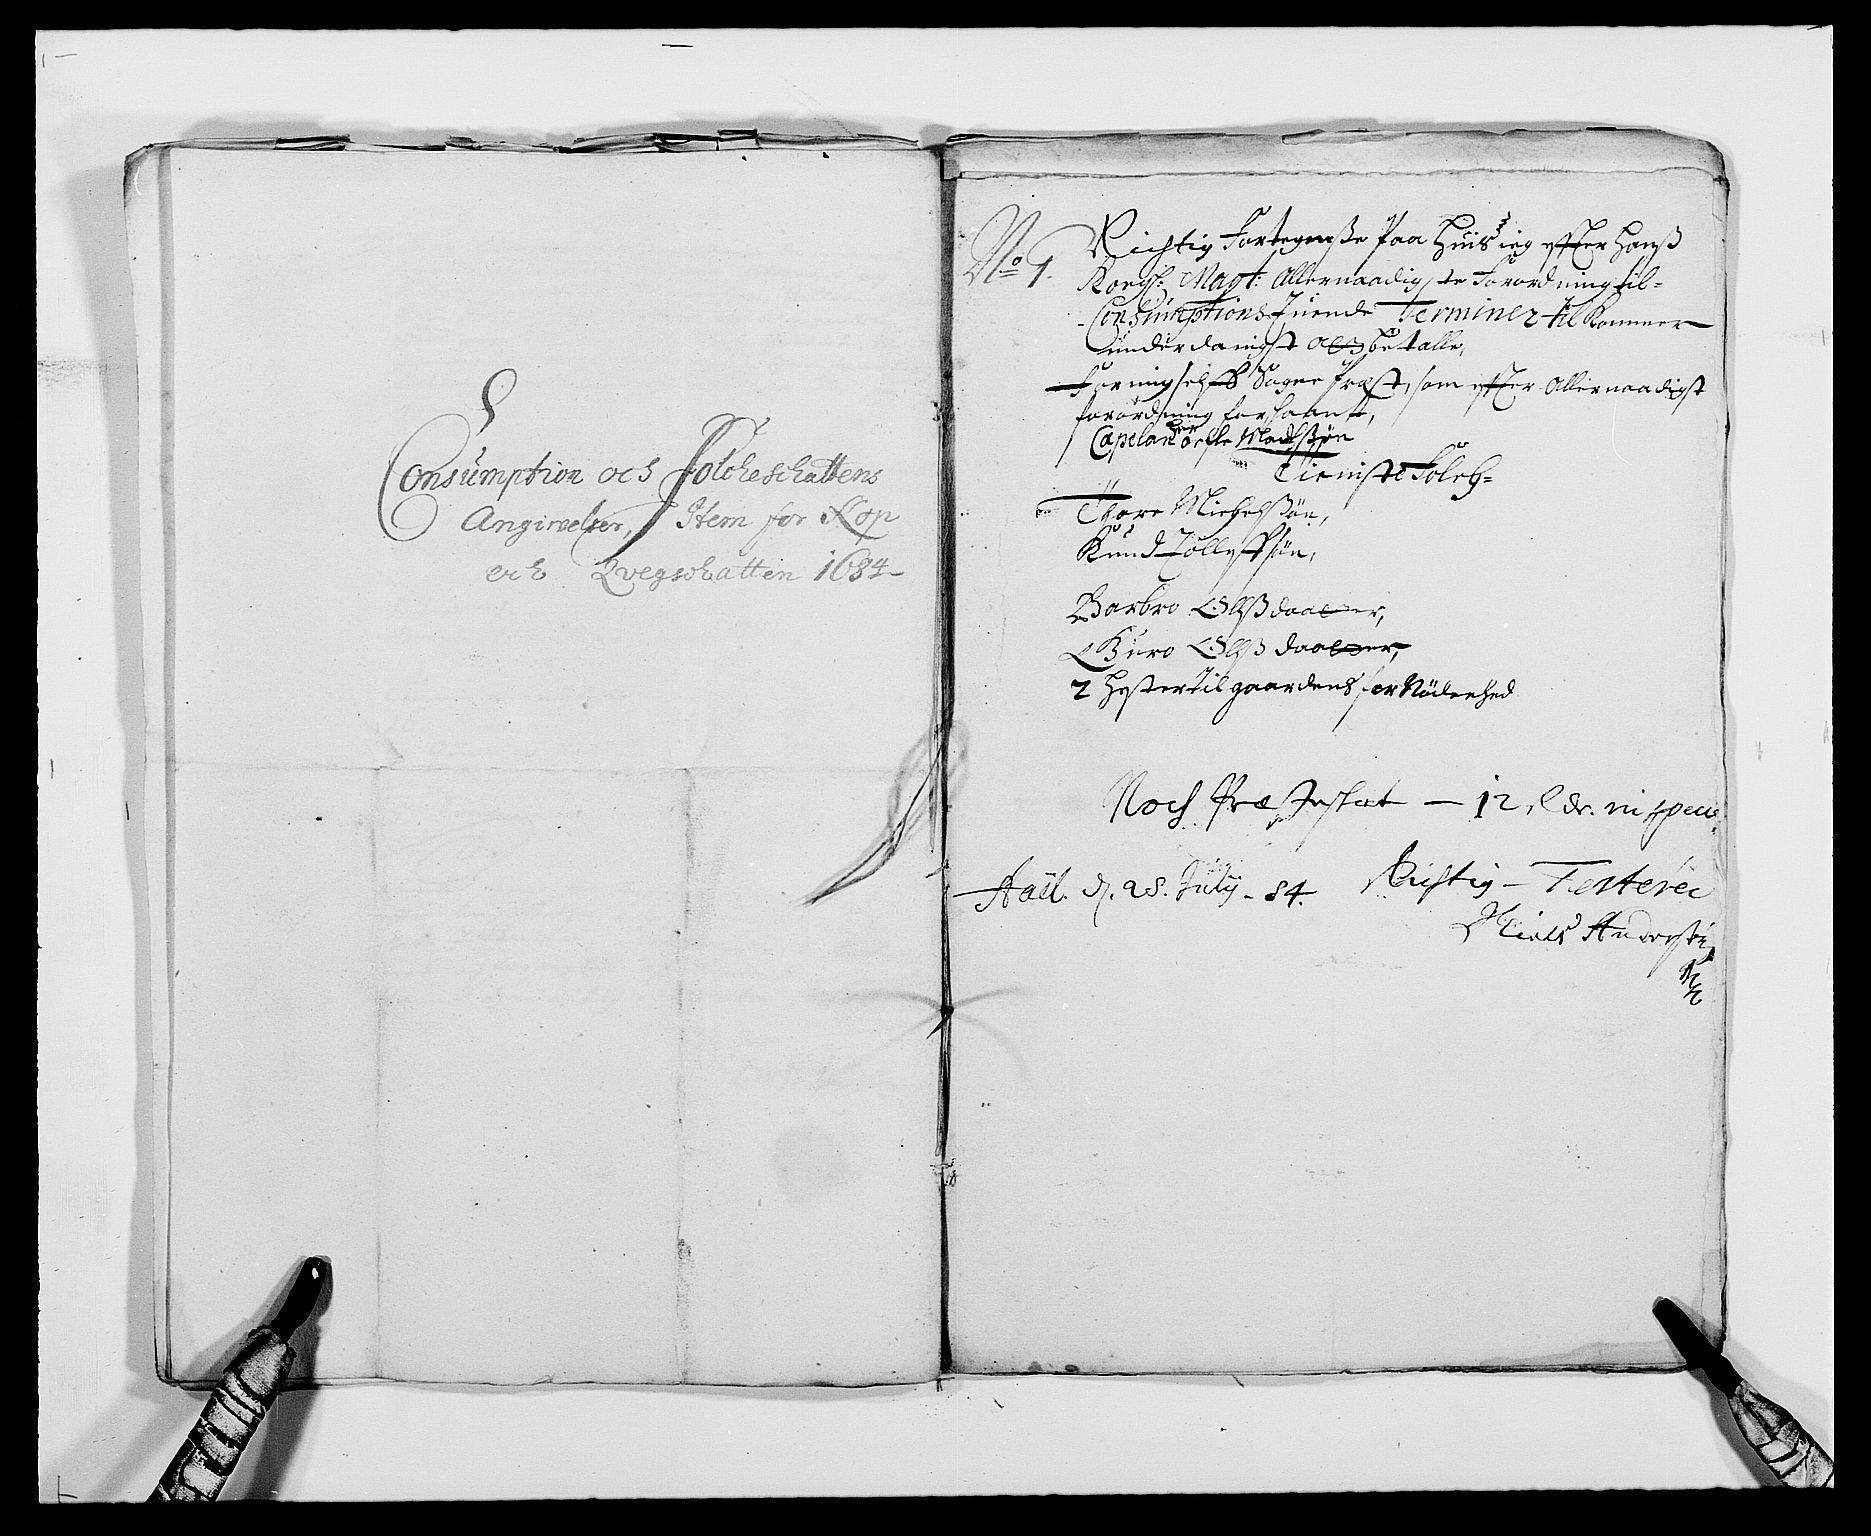 RA, Rentekammeret inntil 1814, Reviderte regnskaper, Fogderegnskap, R21/L1446: Fogderegnskap Ringerike og Hallingdal, 1683-1686, s. 249